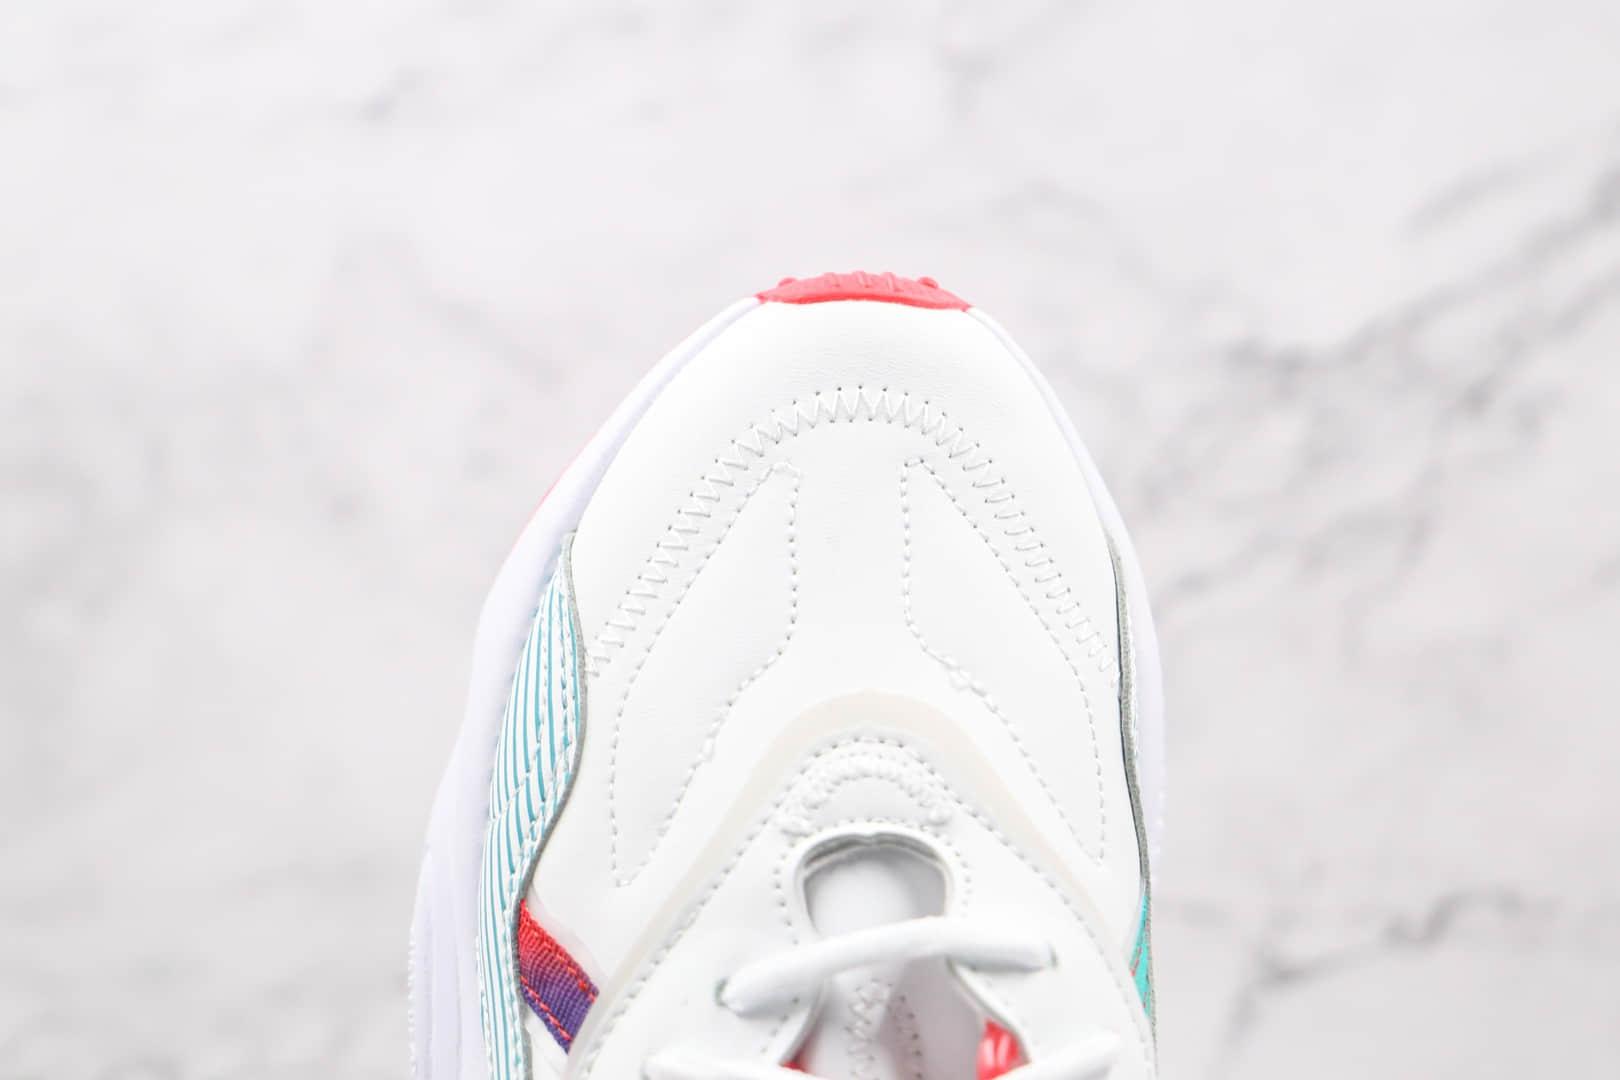 阿迪达斯Adidas OZWEEGO 2021纯原版本三叶草白红绿渐变反光水管老爹鞋原盒原标 货号:Q47190